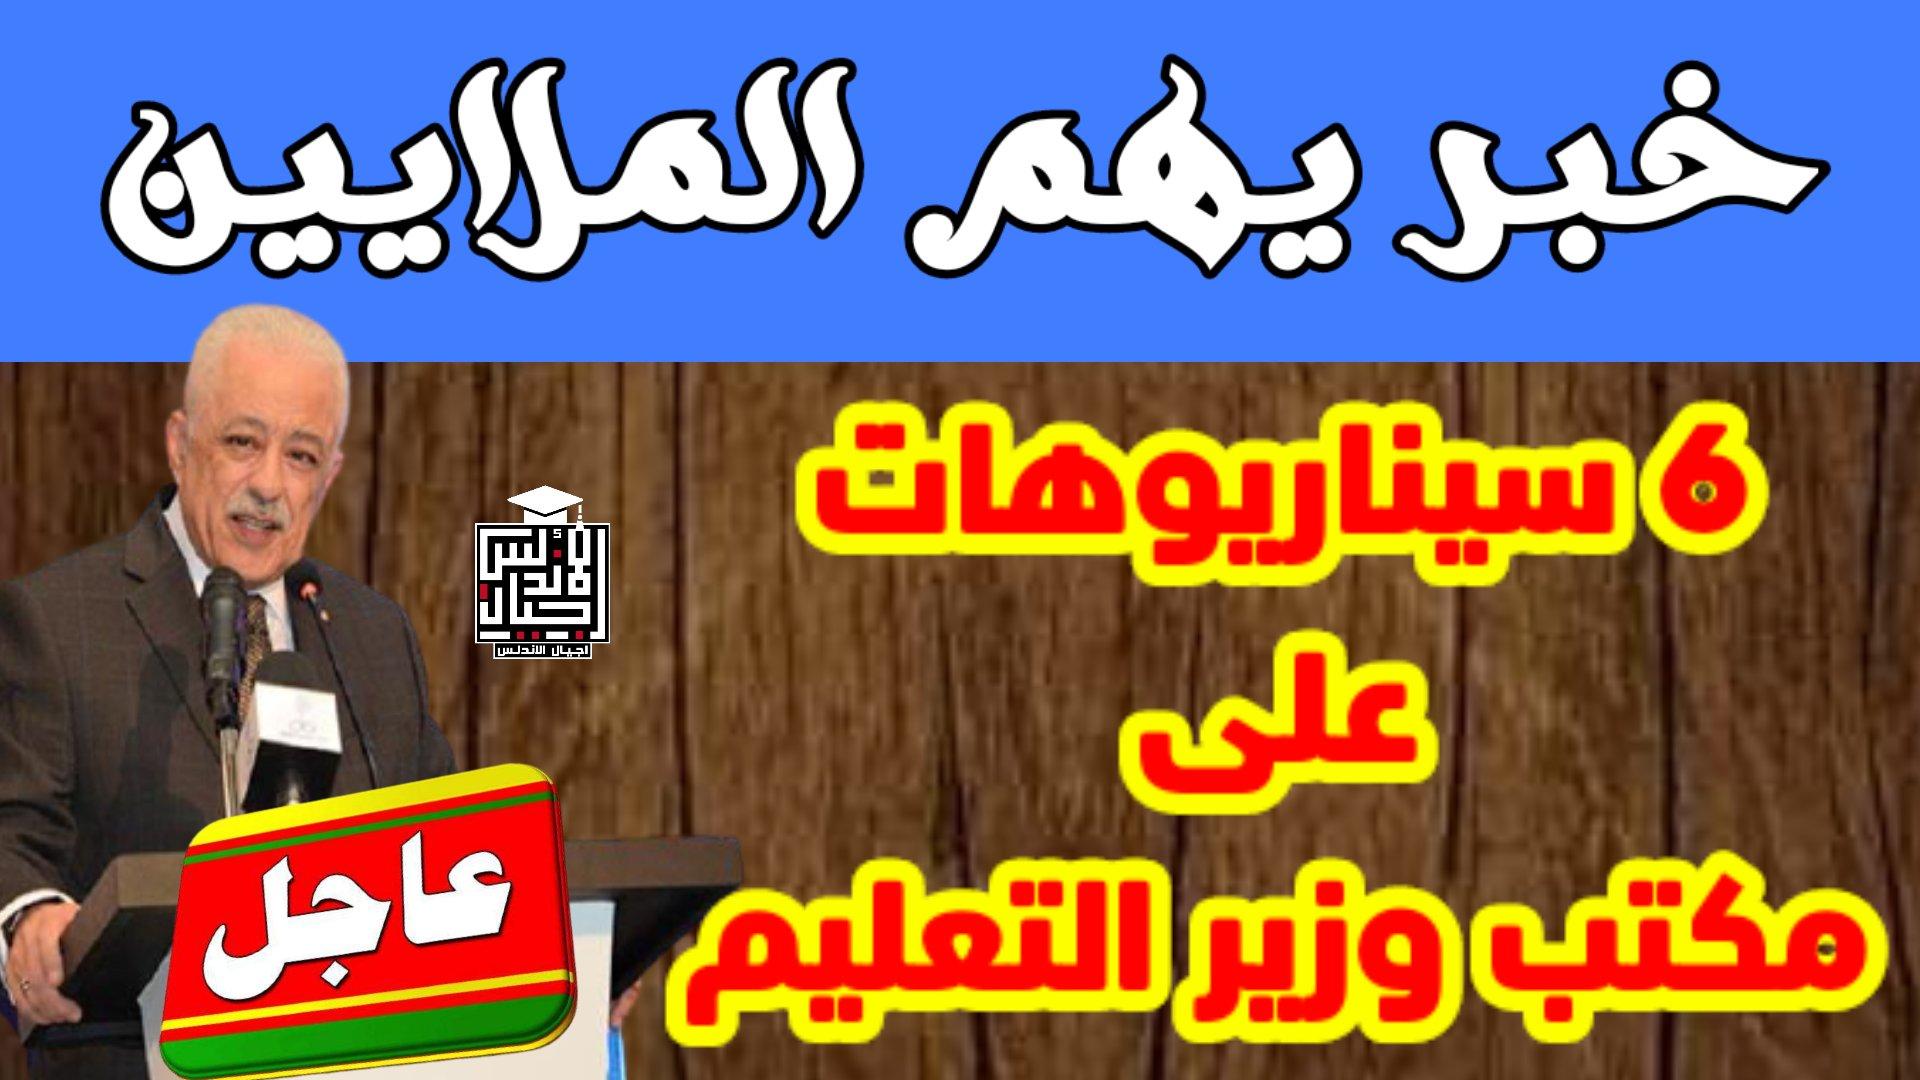 عاجل الان - خبر يهم الملايين 6 سيناريوهات علي مكتب وزير التعليم